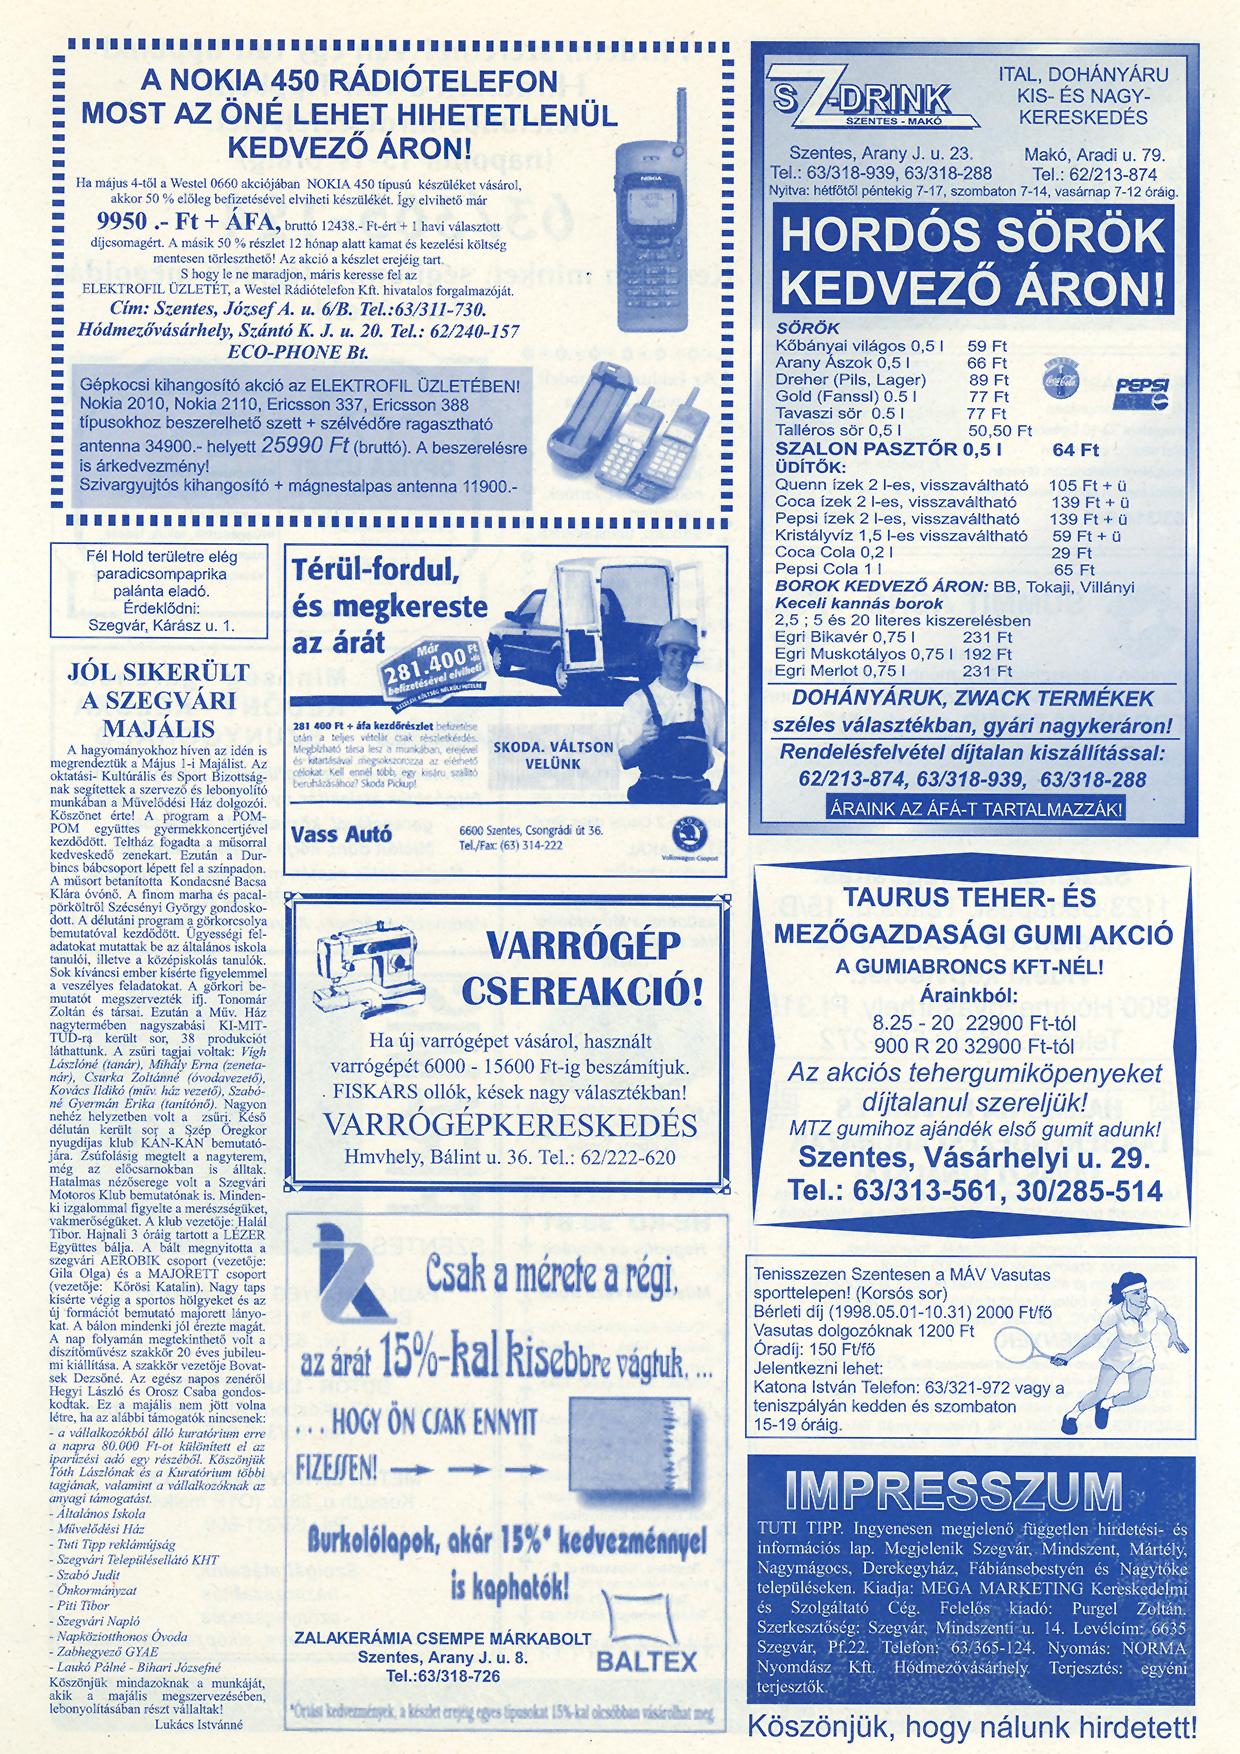 020 Tuti Tipp reklámújság - 19980523-086. lapszám - 2.oldal - IV. évfolyam.jpg